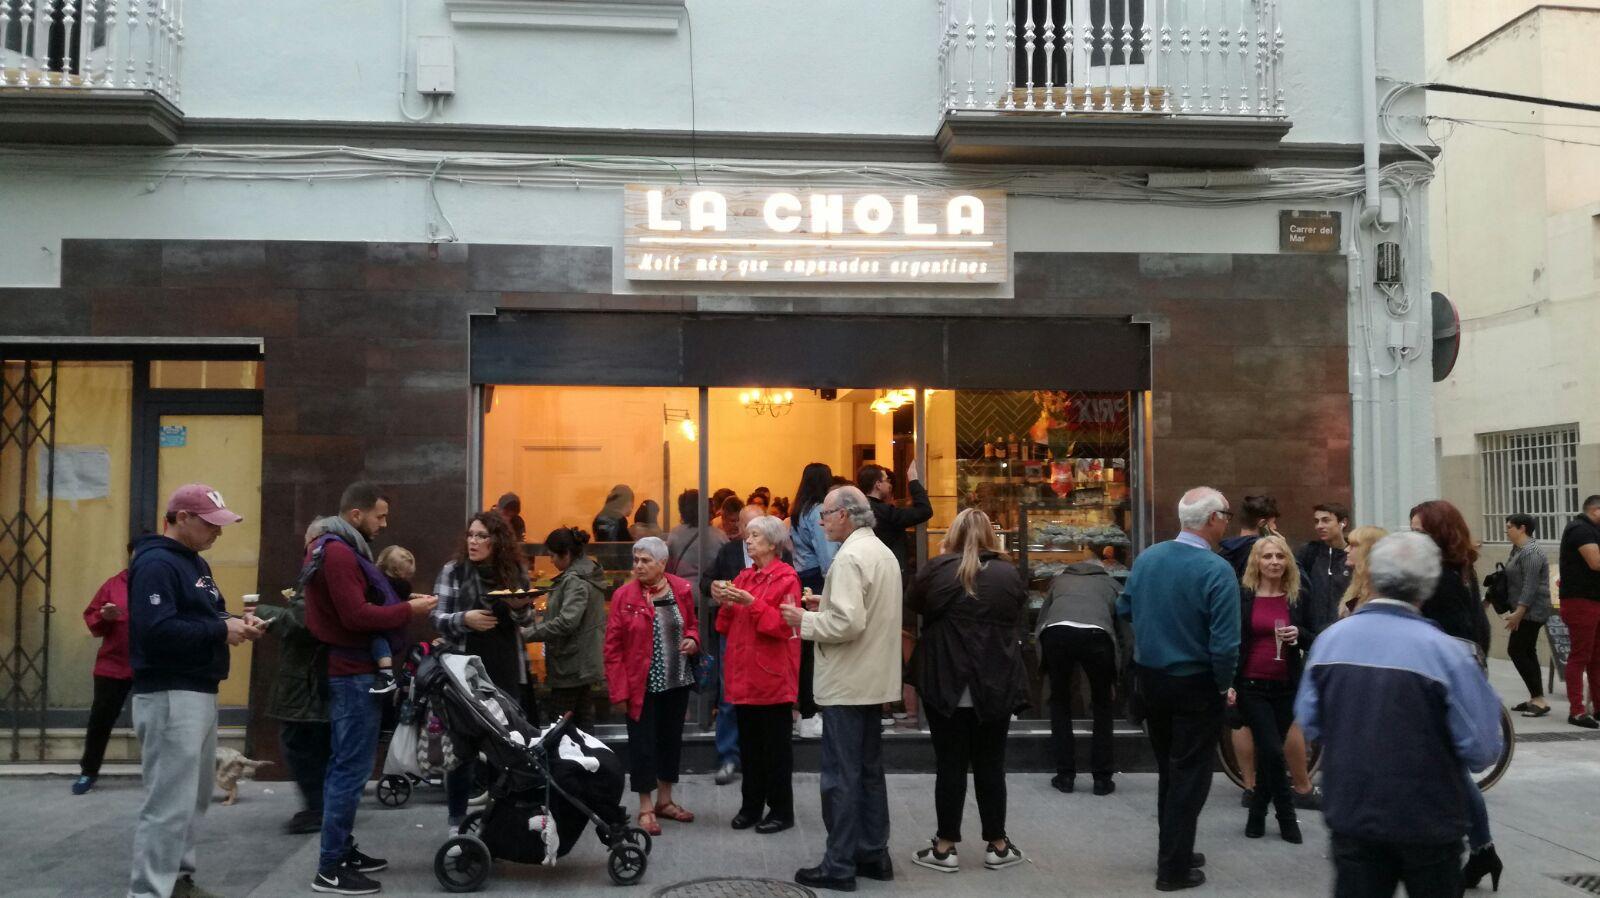 Tomasito's también está en La Chola